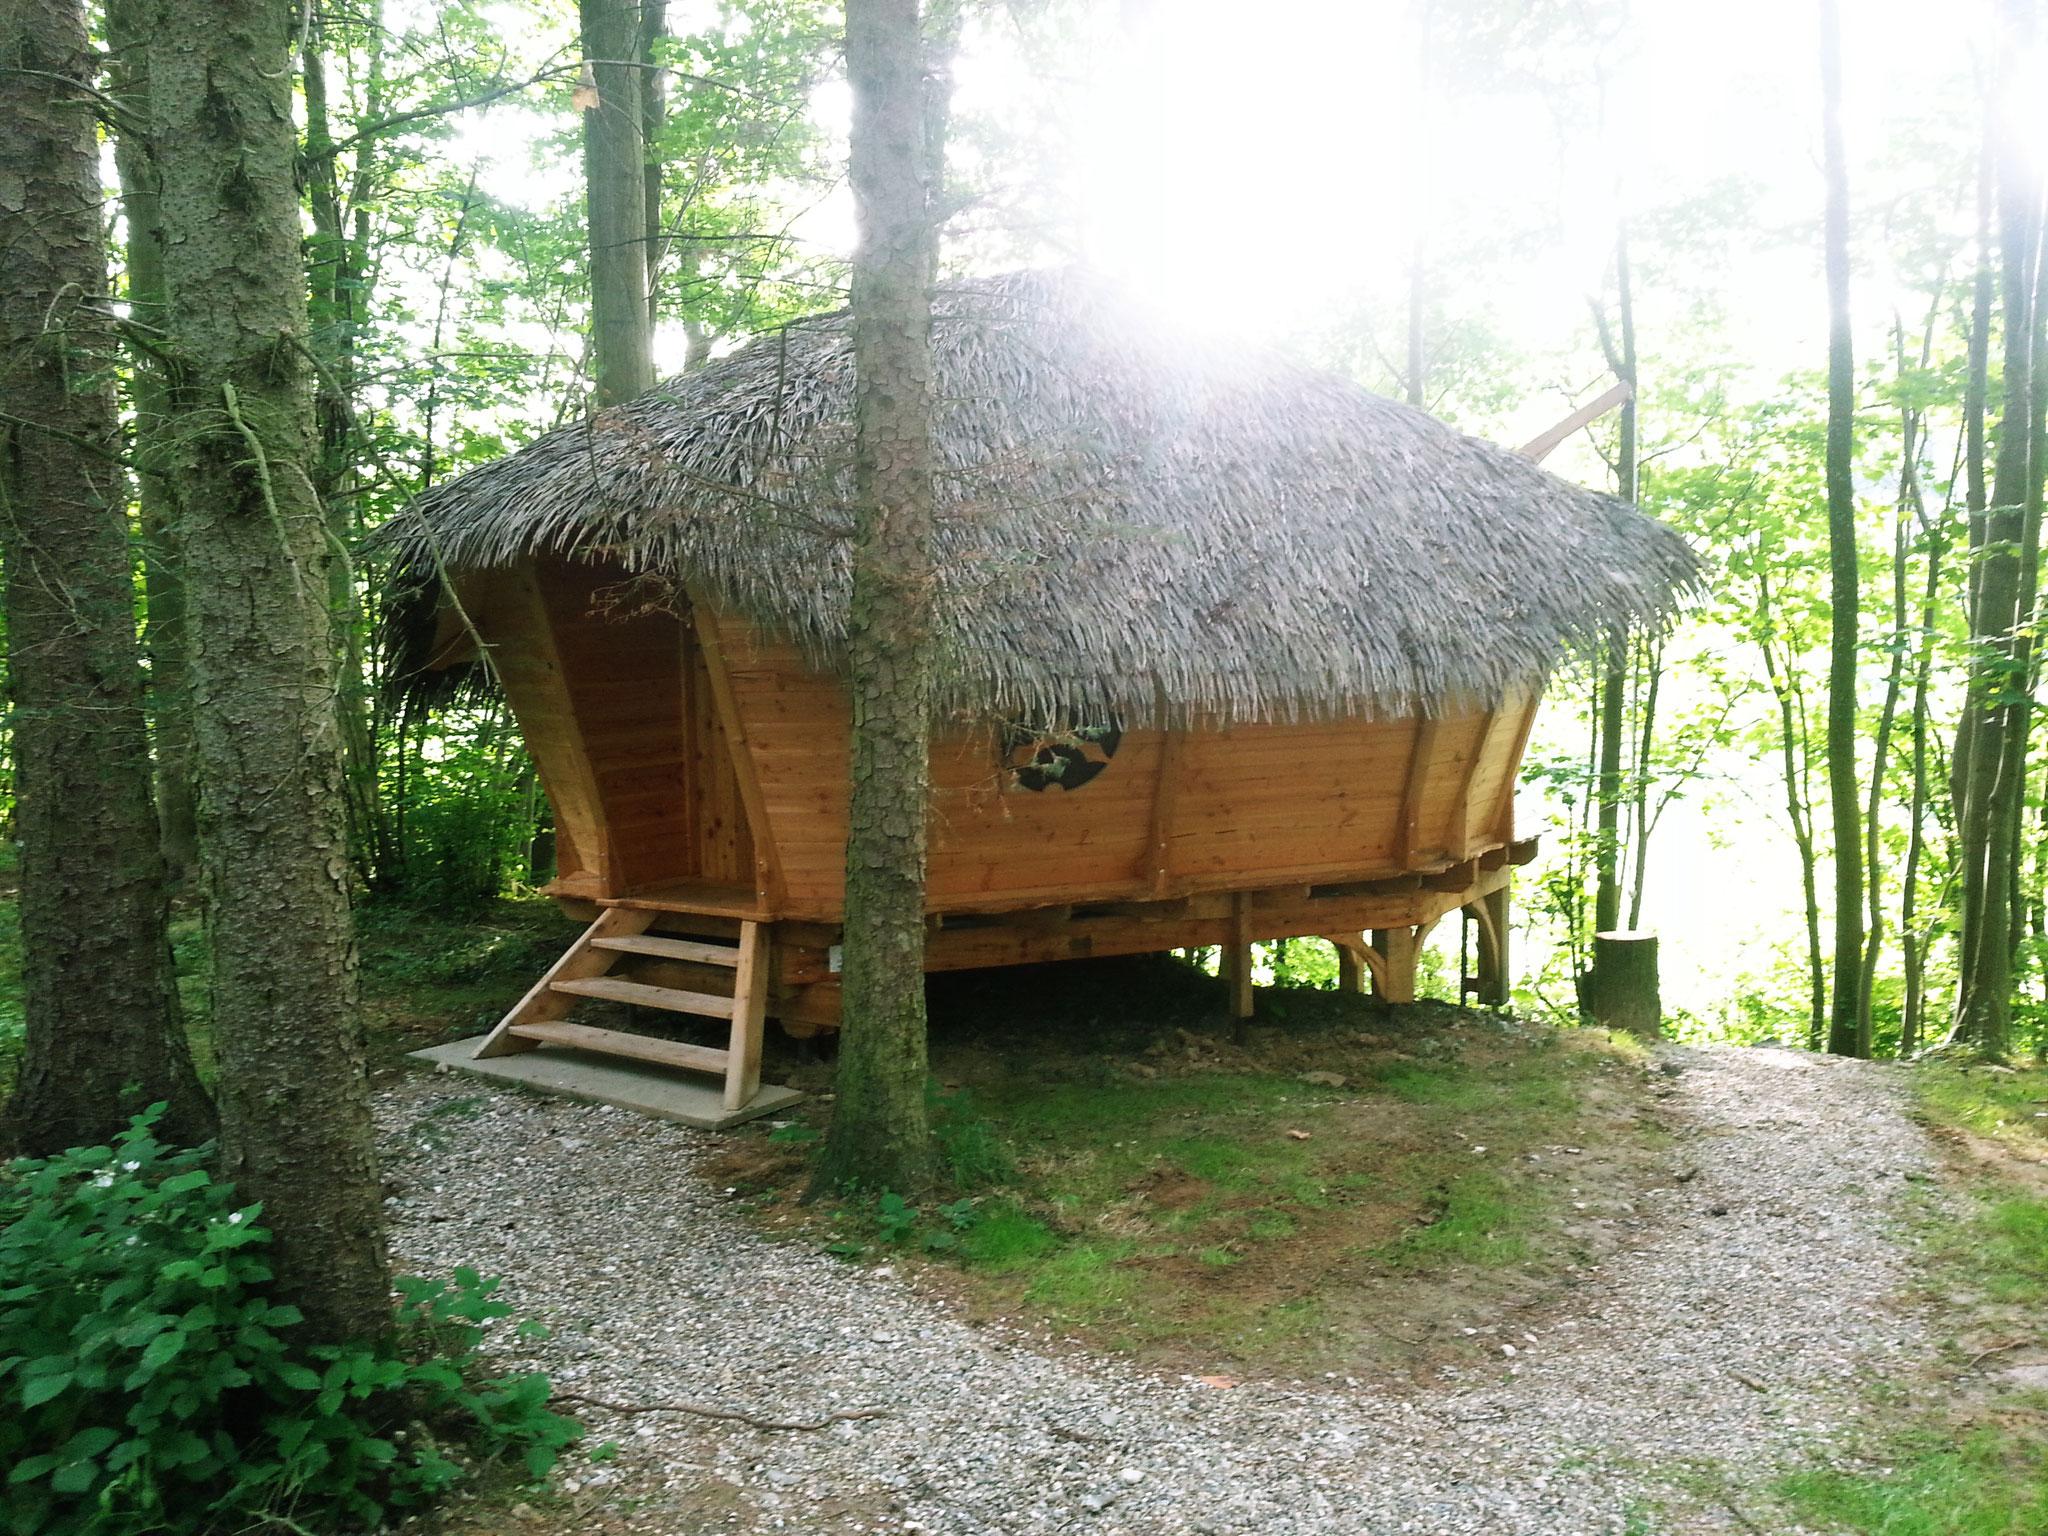 cabane retour d 39 orient 2 3 personnes location insolites bulle cabanes dans les arbres avec. Black Bedroom Furniture Sets. Home Design Ideas